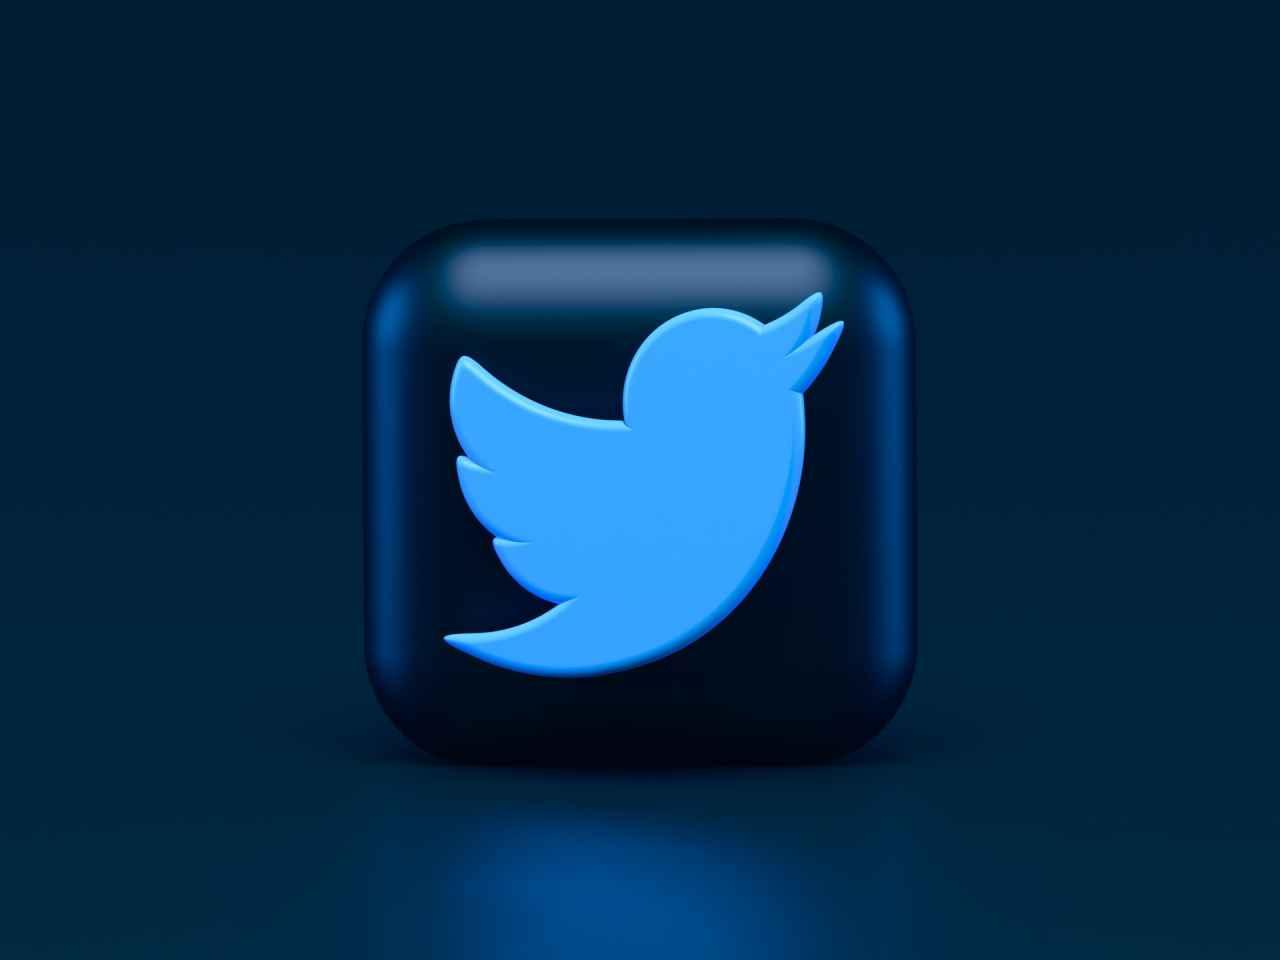 ブログに役立つTwitter活用方法【8つ紹介】